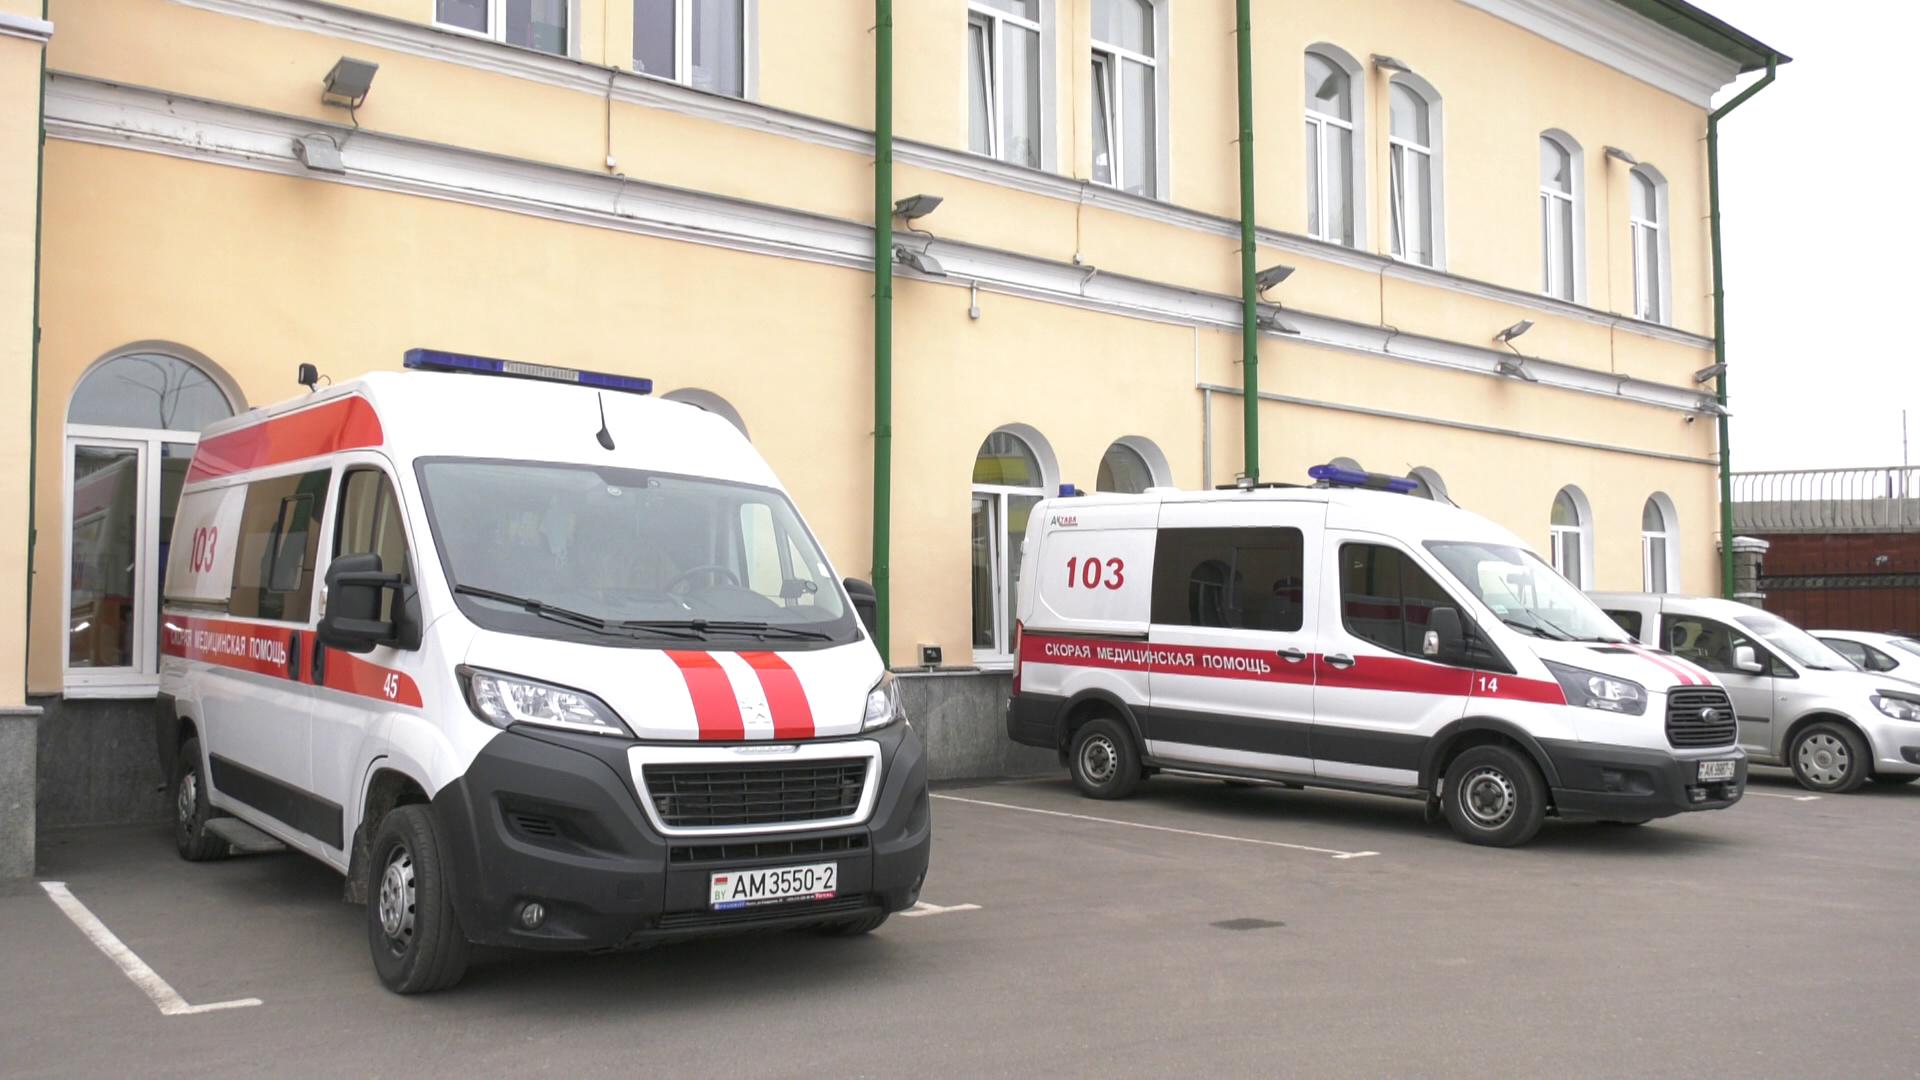 stancija skoroj - Репортаж о работе скорой помощи в Витебске (видео)